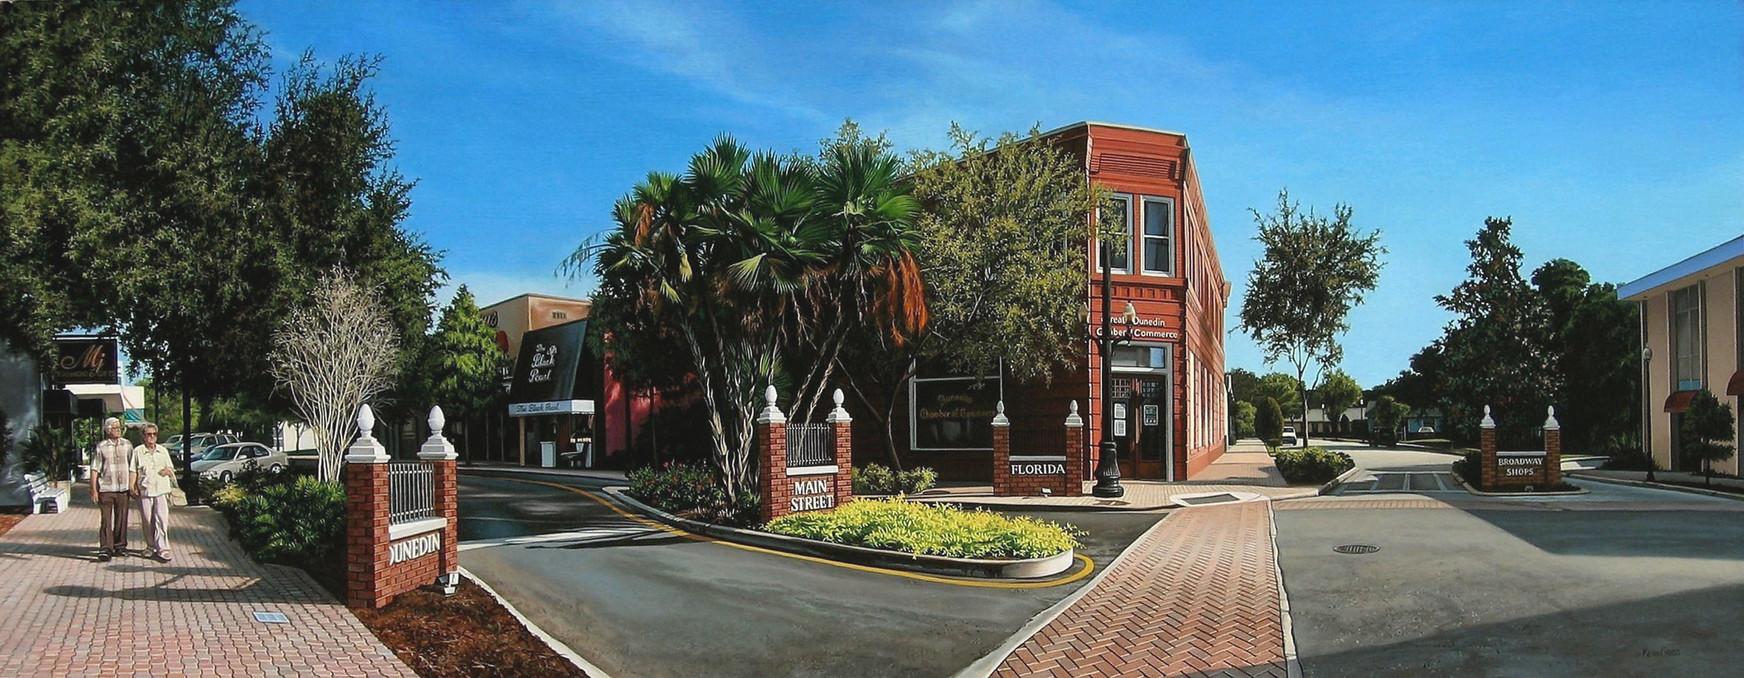 Downtown Dunedin: $7,800